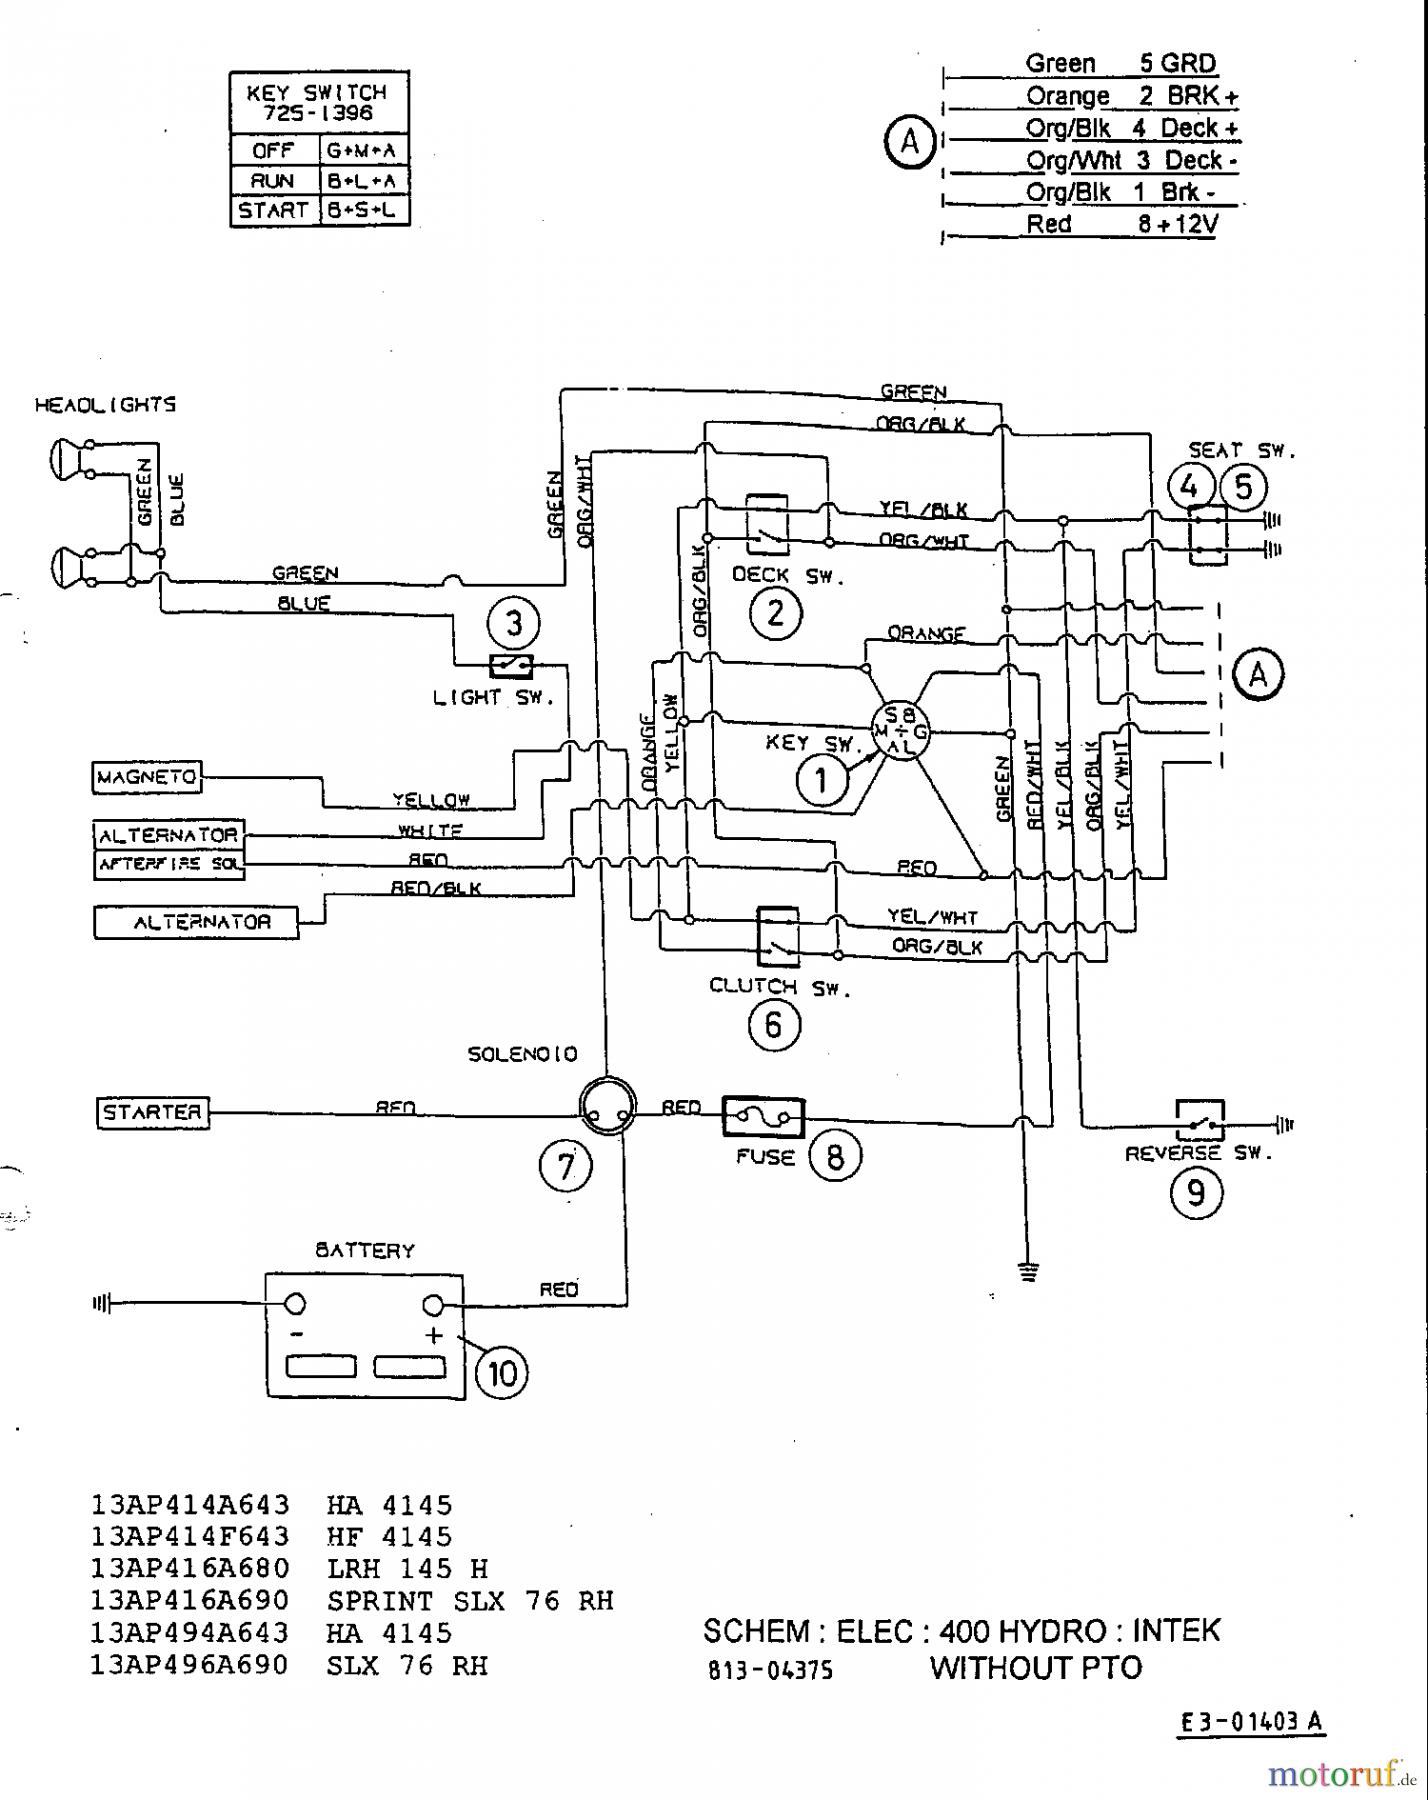 Hk Brake Line Diagram On Chevy Silverado